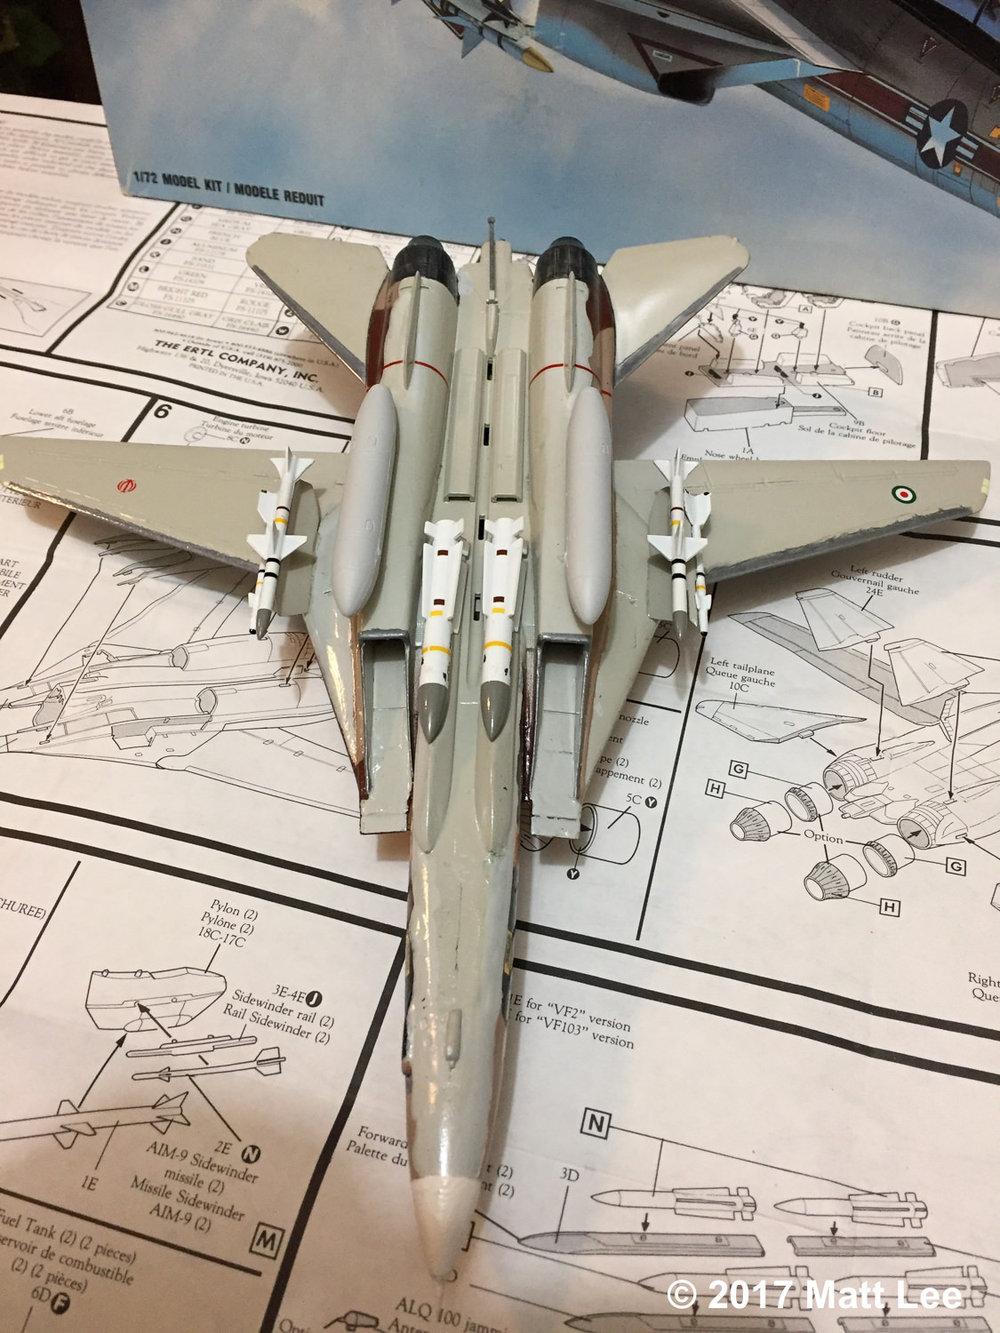 ©2017 www.modern-hobbies.com-1-72 scale Iranian F-14A-Matt Lee-modern jets-scale modeling-5.jpg